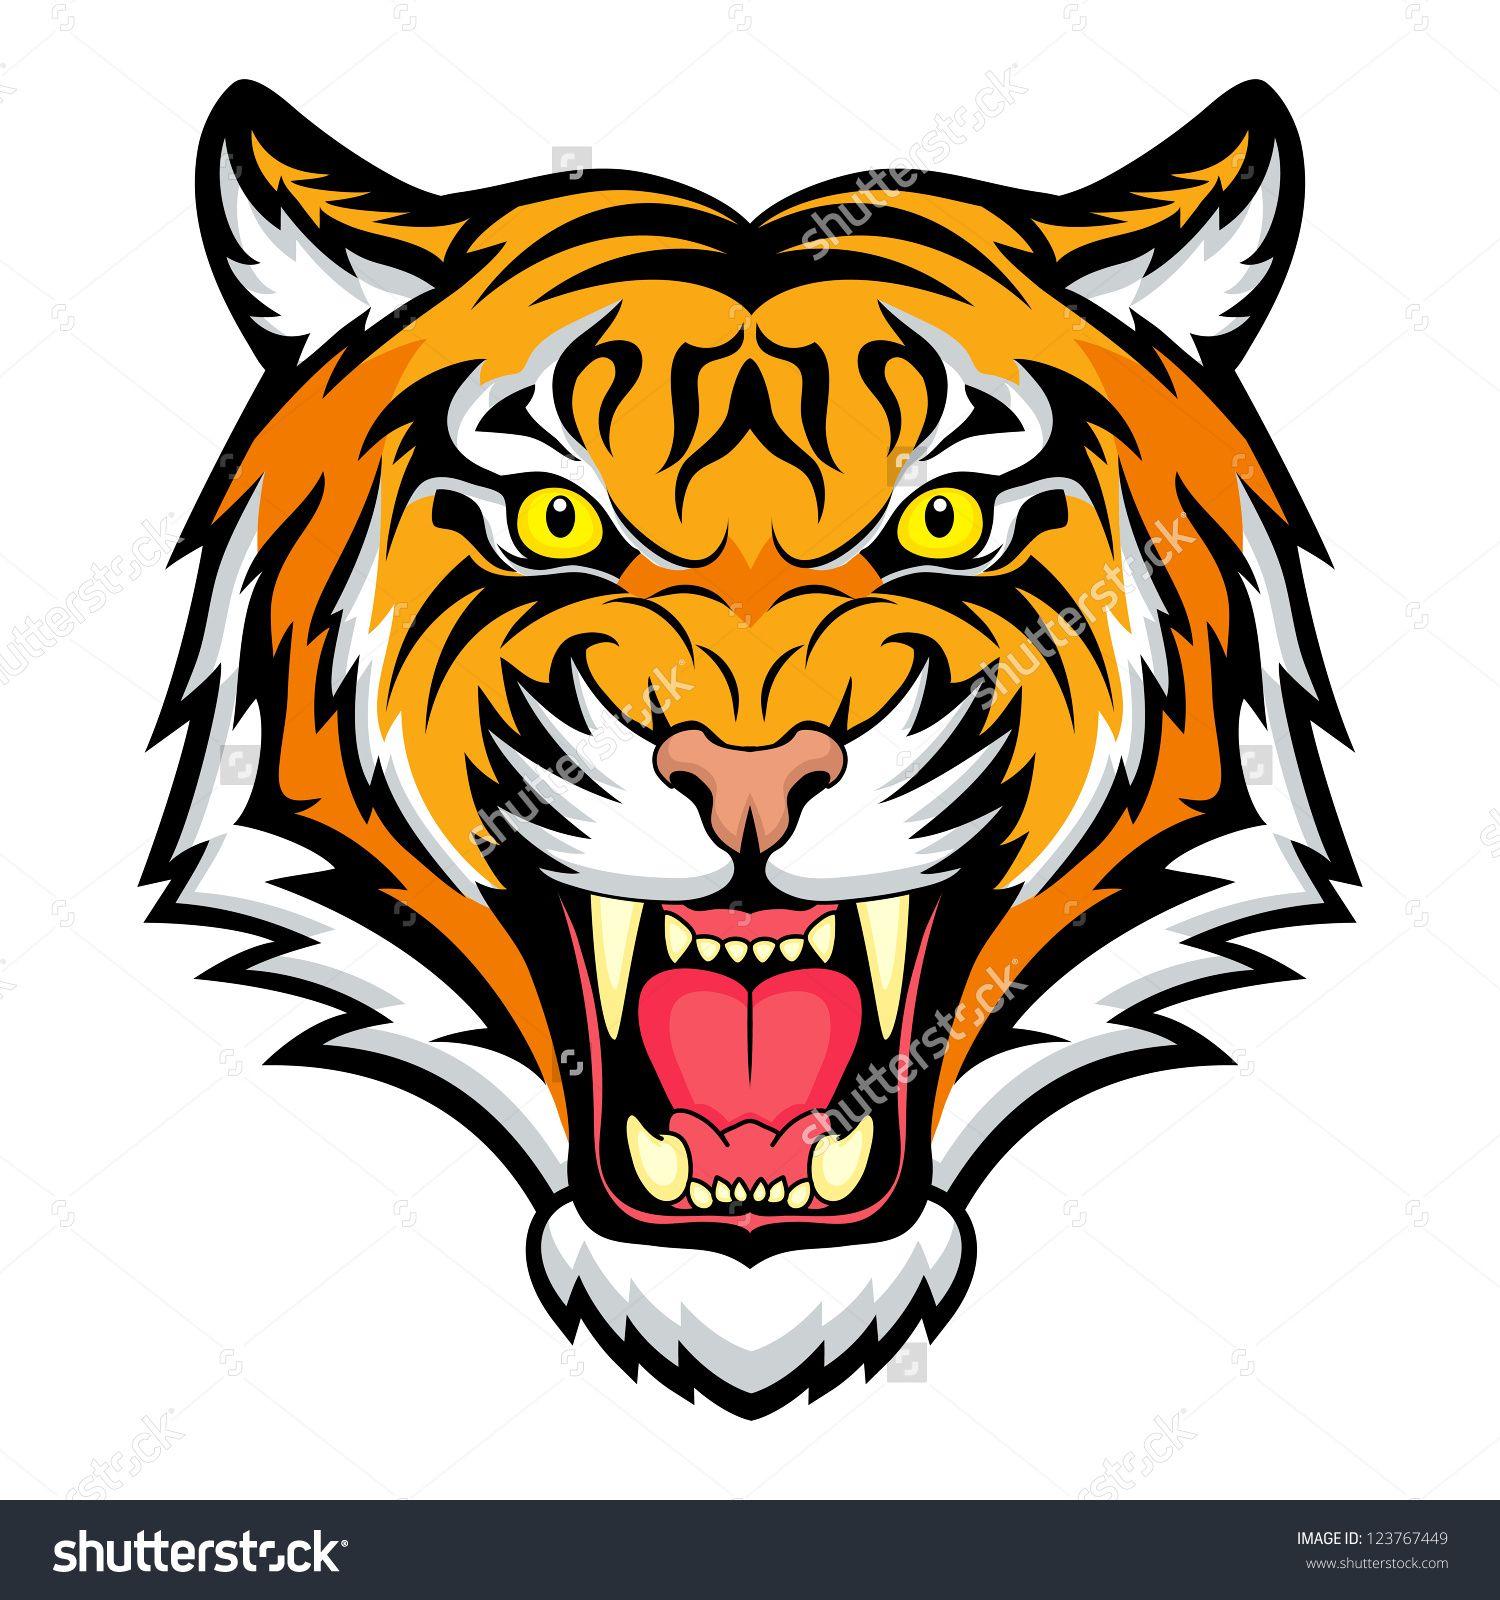 tiger anger vector illustration of a tiger head 123767449 rh pinterest com Auburn University Tiger Logo Auburn Tigers Logo Stencil